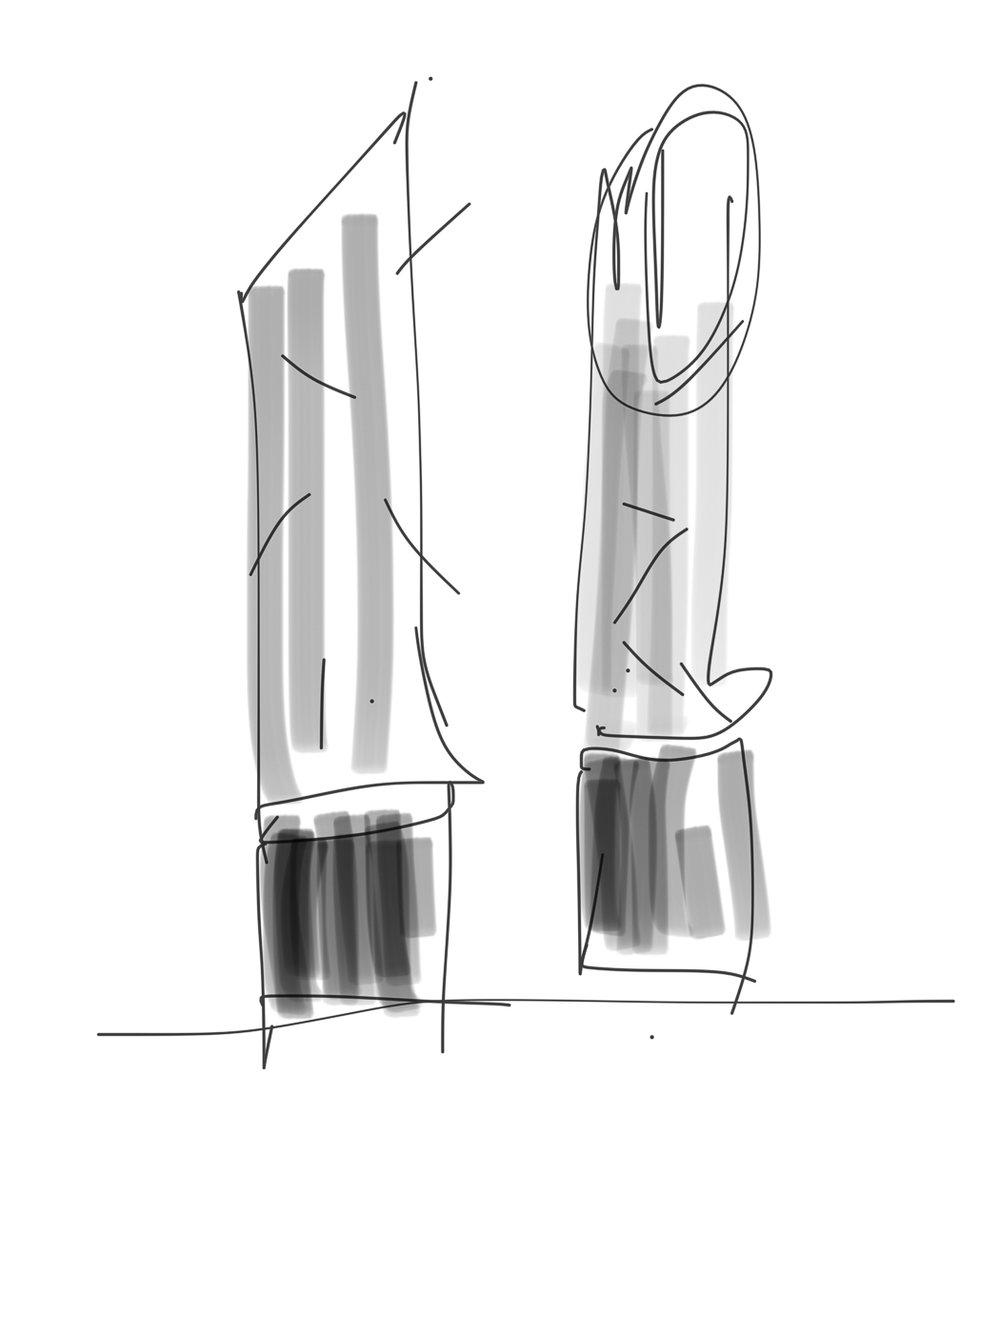 Sketch-492.jpg